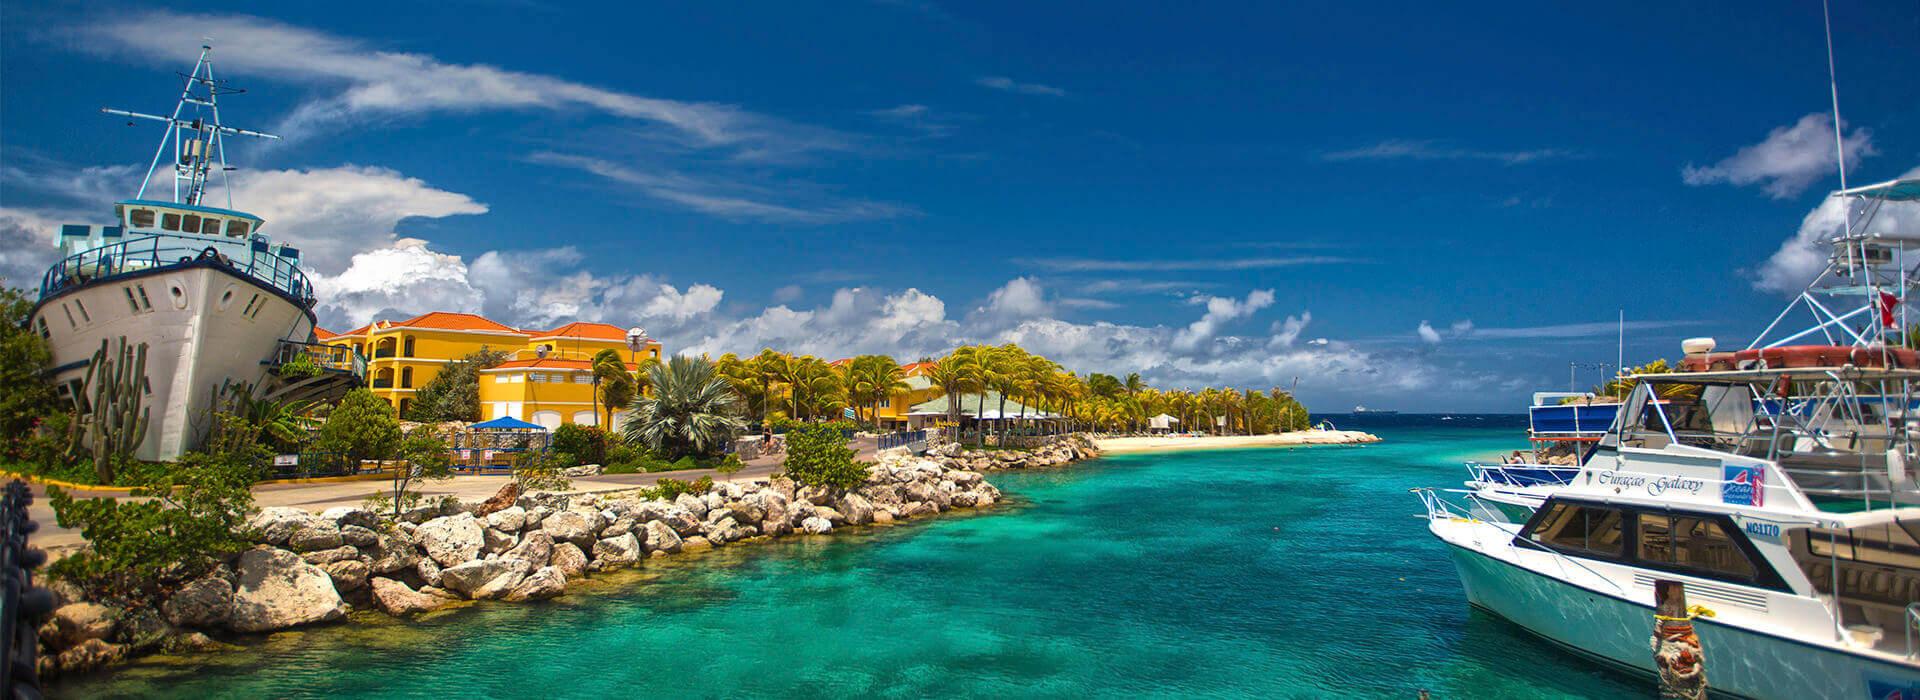 the royal sea aquarium resort en Curacao